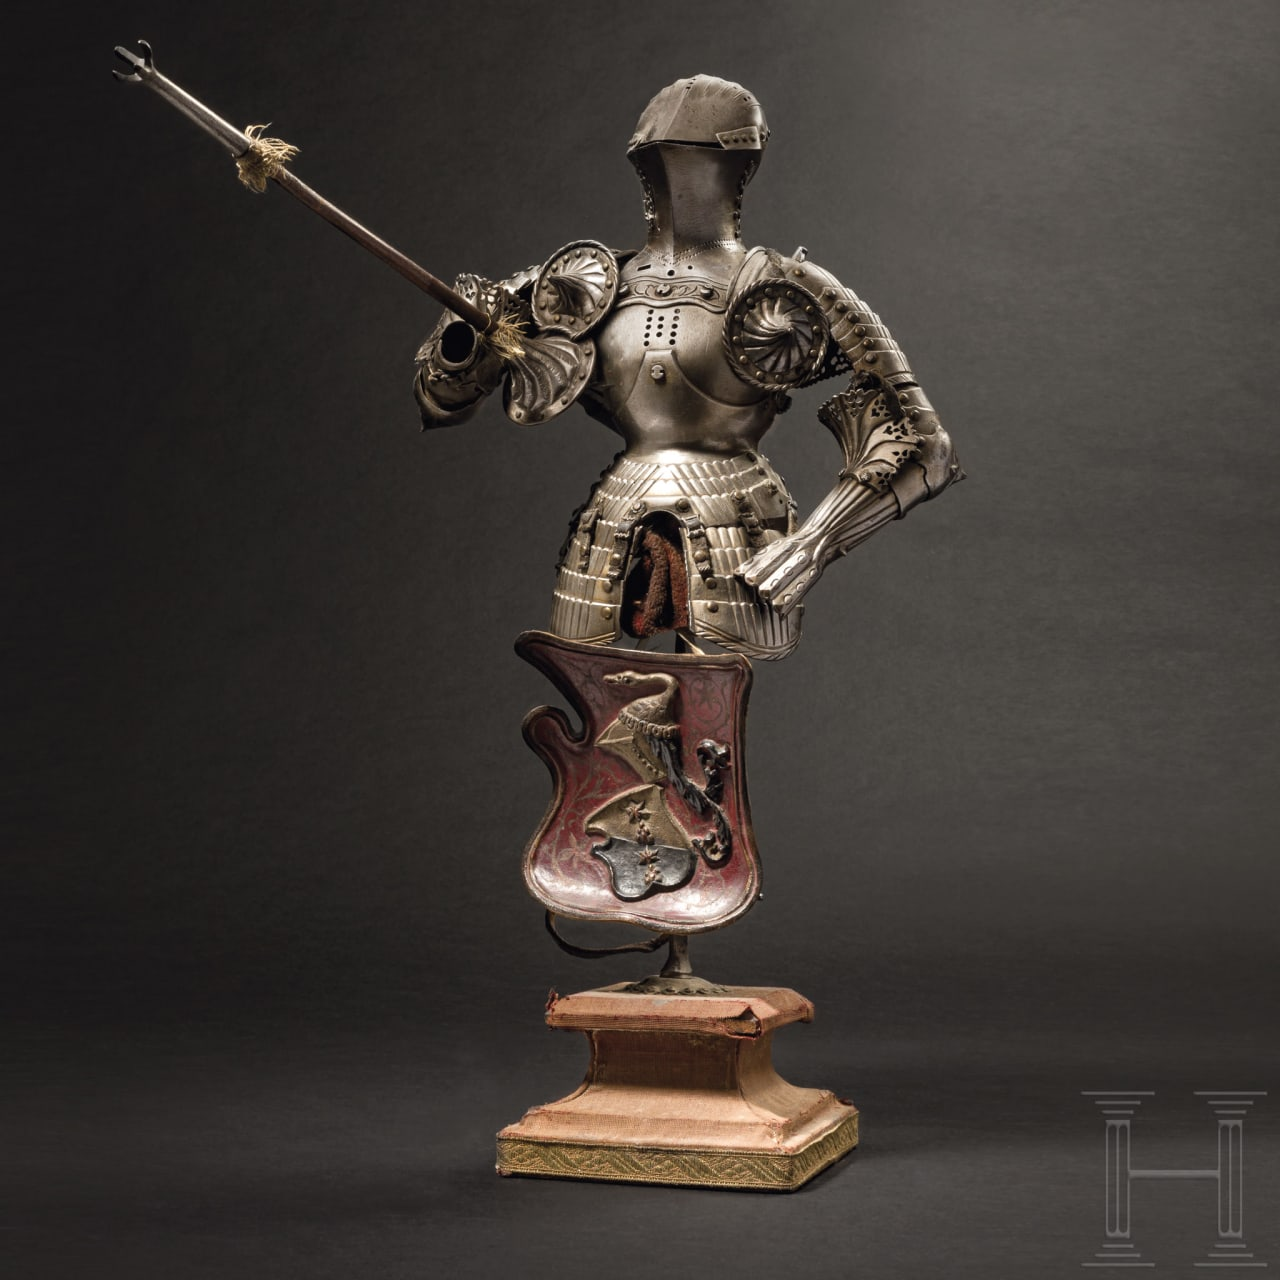 Miniatur-Stechzeug, Kunstschmiede Schneider, München, gefertigt vor 1923